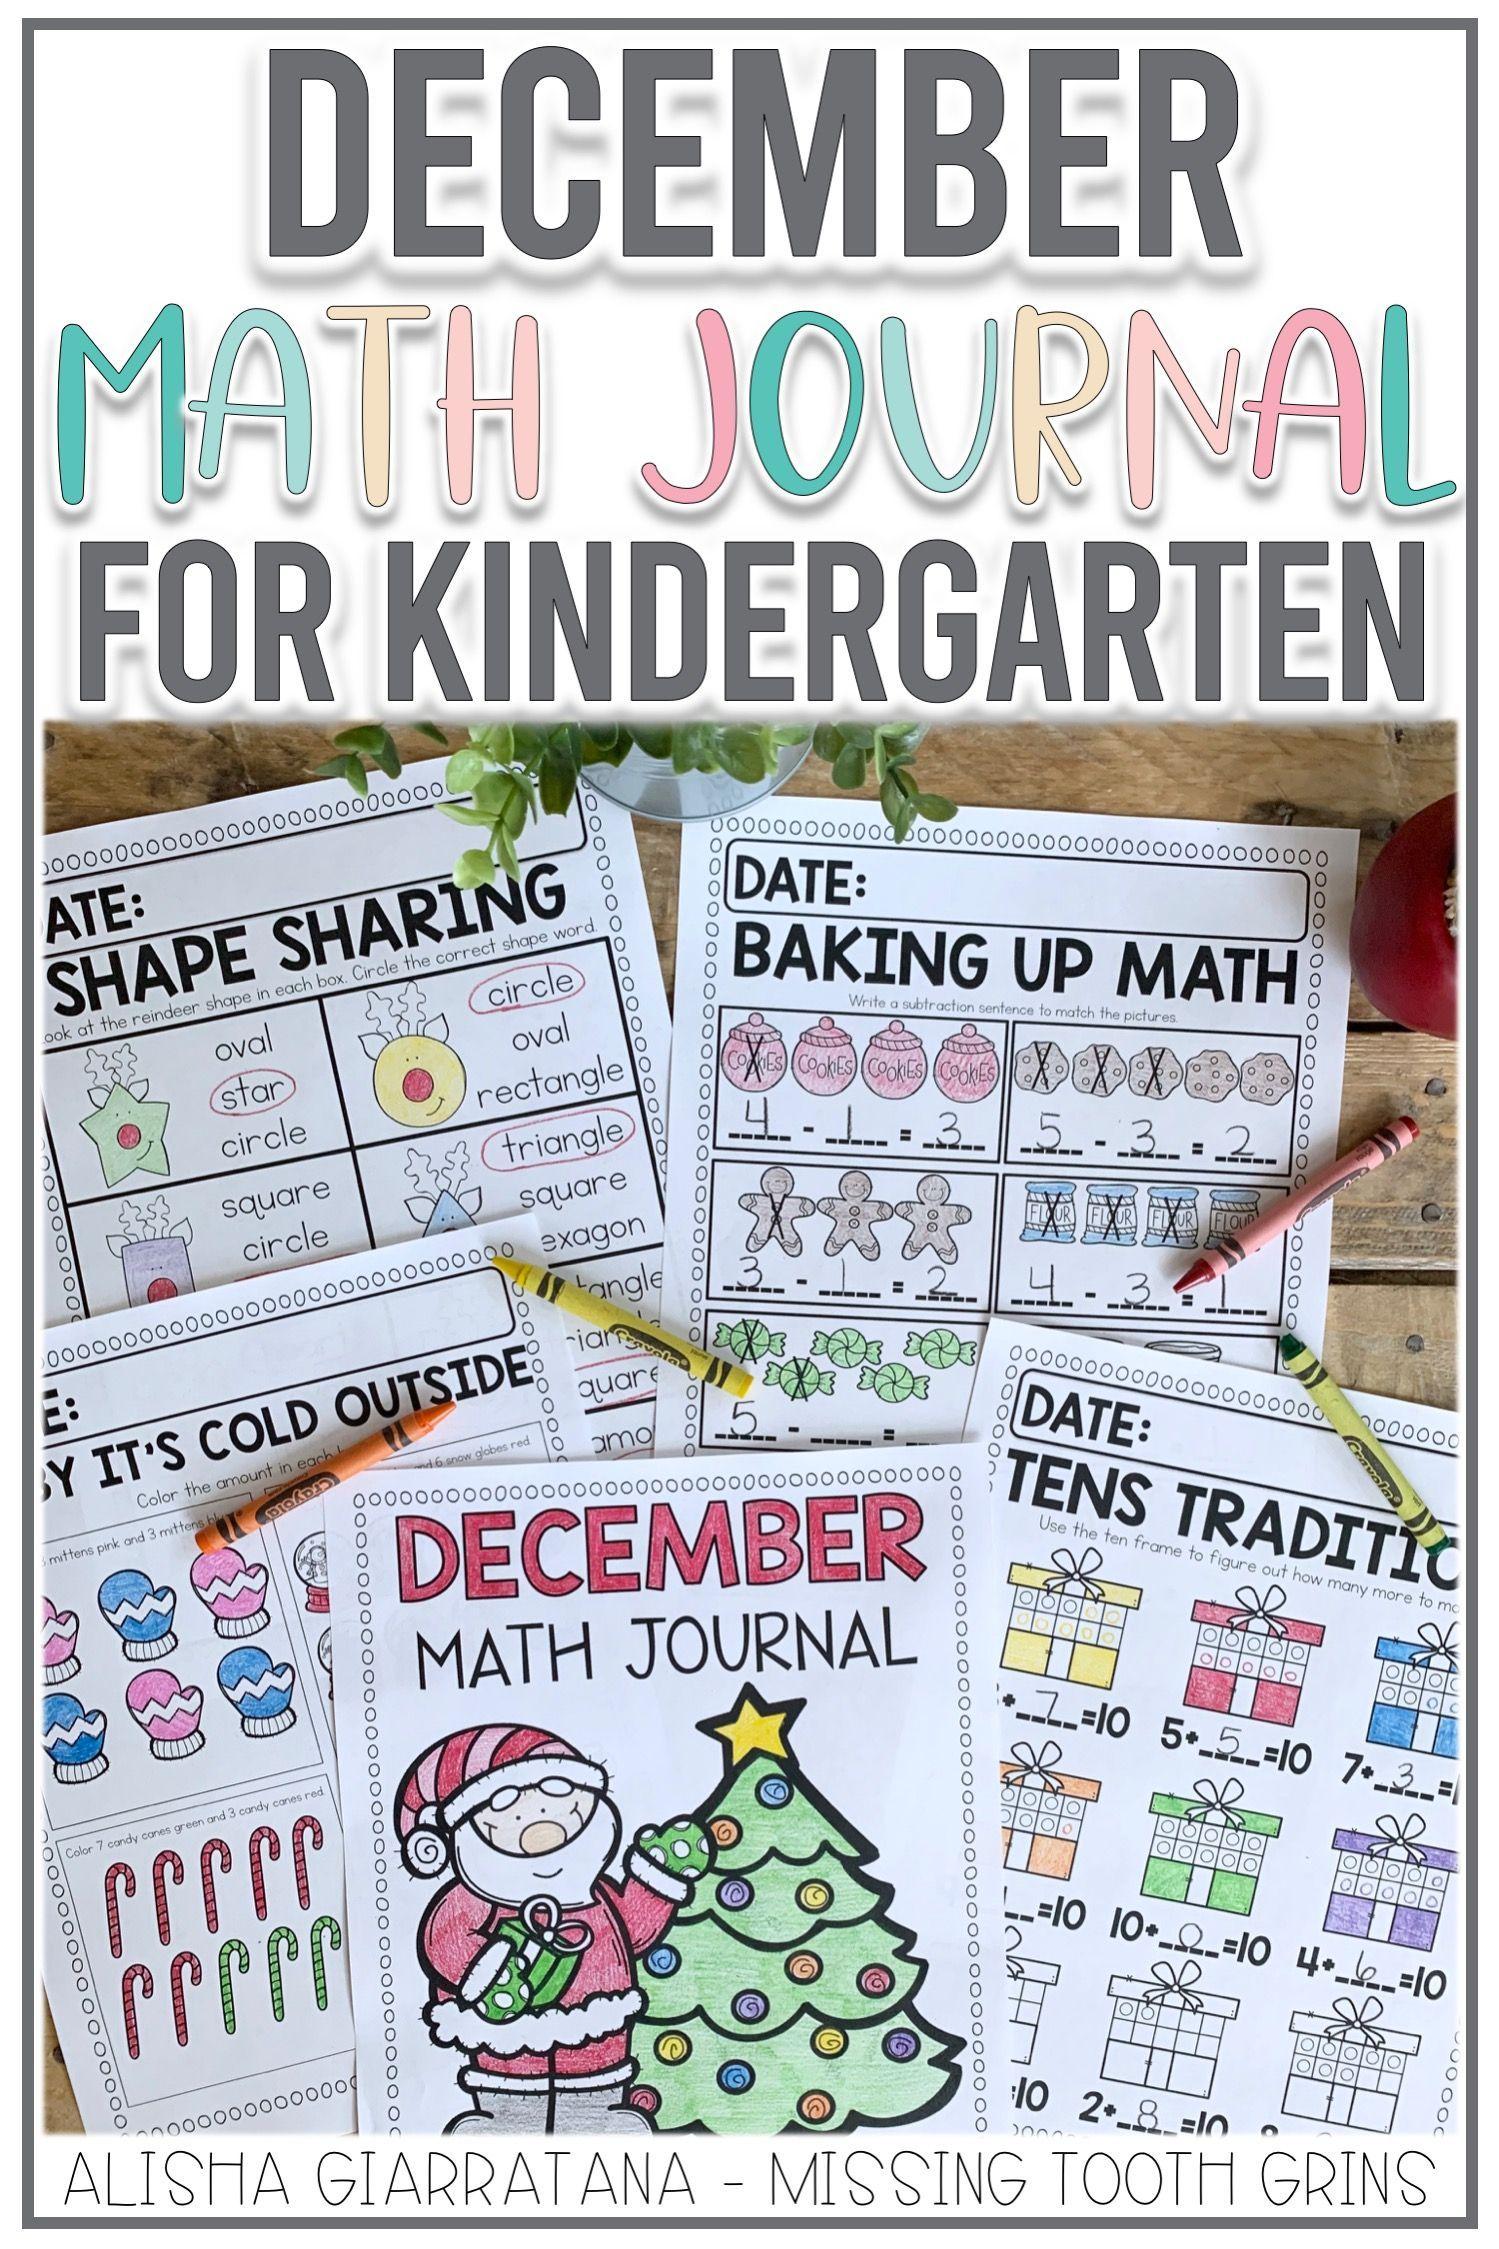 Math Journal December Kindergarten